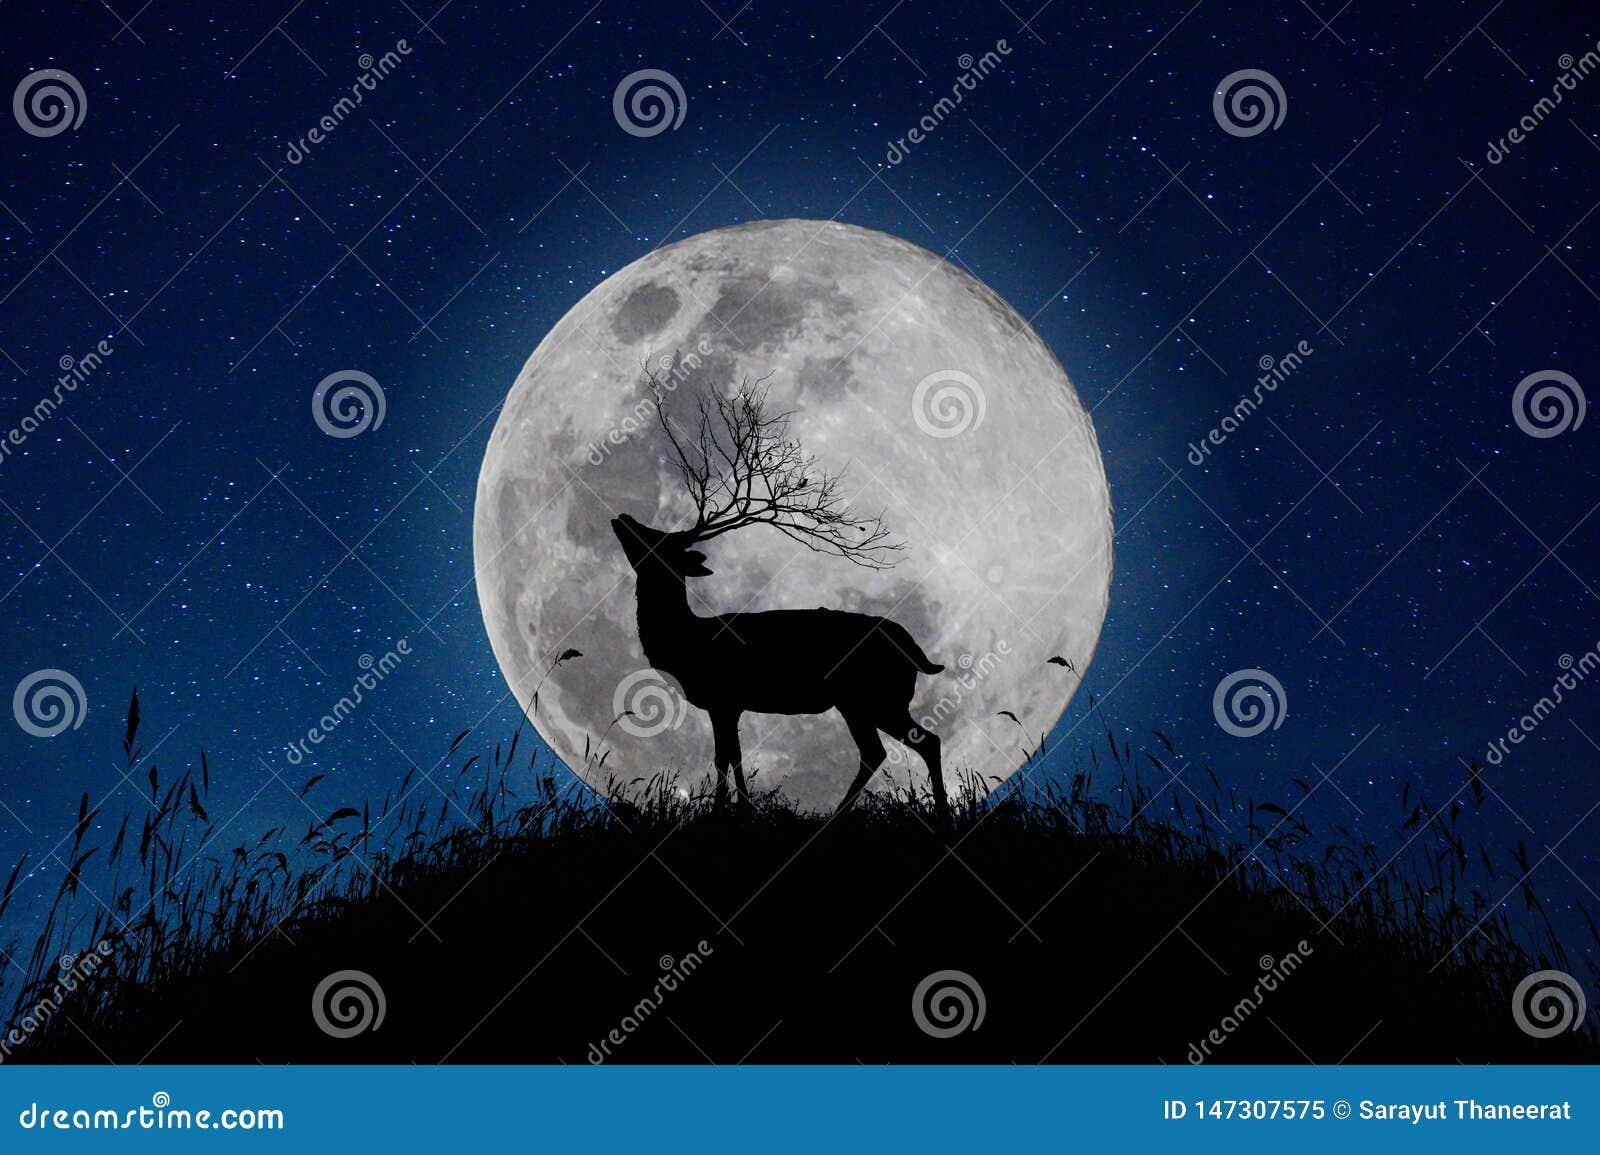 Το ελάφι στέκεται στο βουνό ένα μεγάλο υπόβαθρο φεγγαριών στη νύχτα ότι τα αστέρια είναι πλήρη του ουρανού